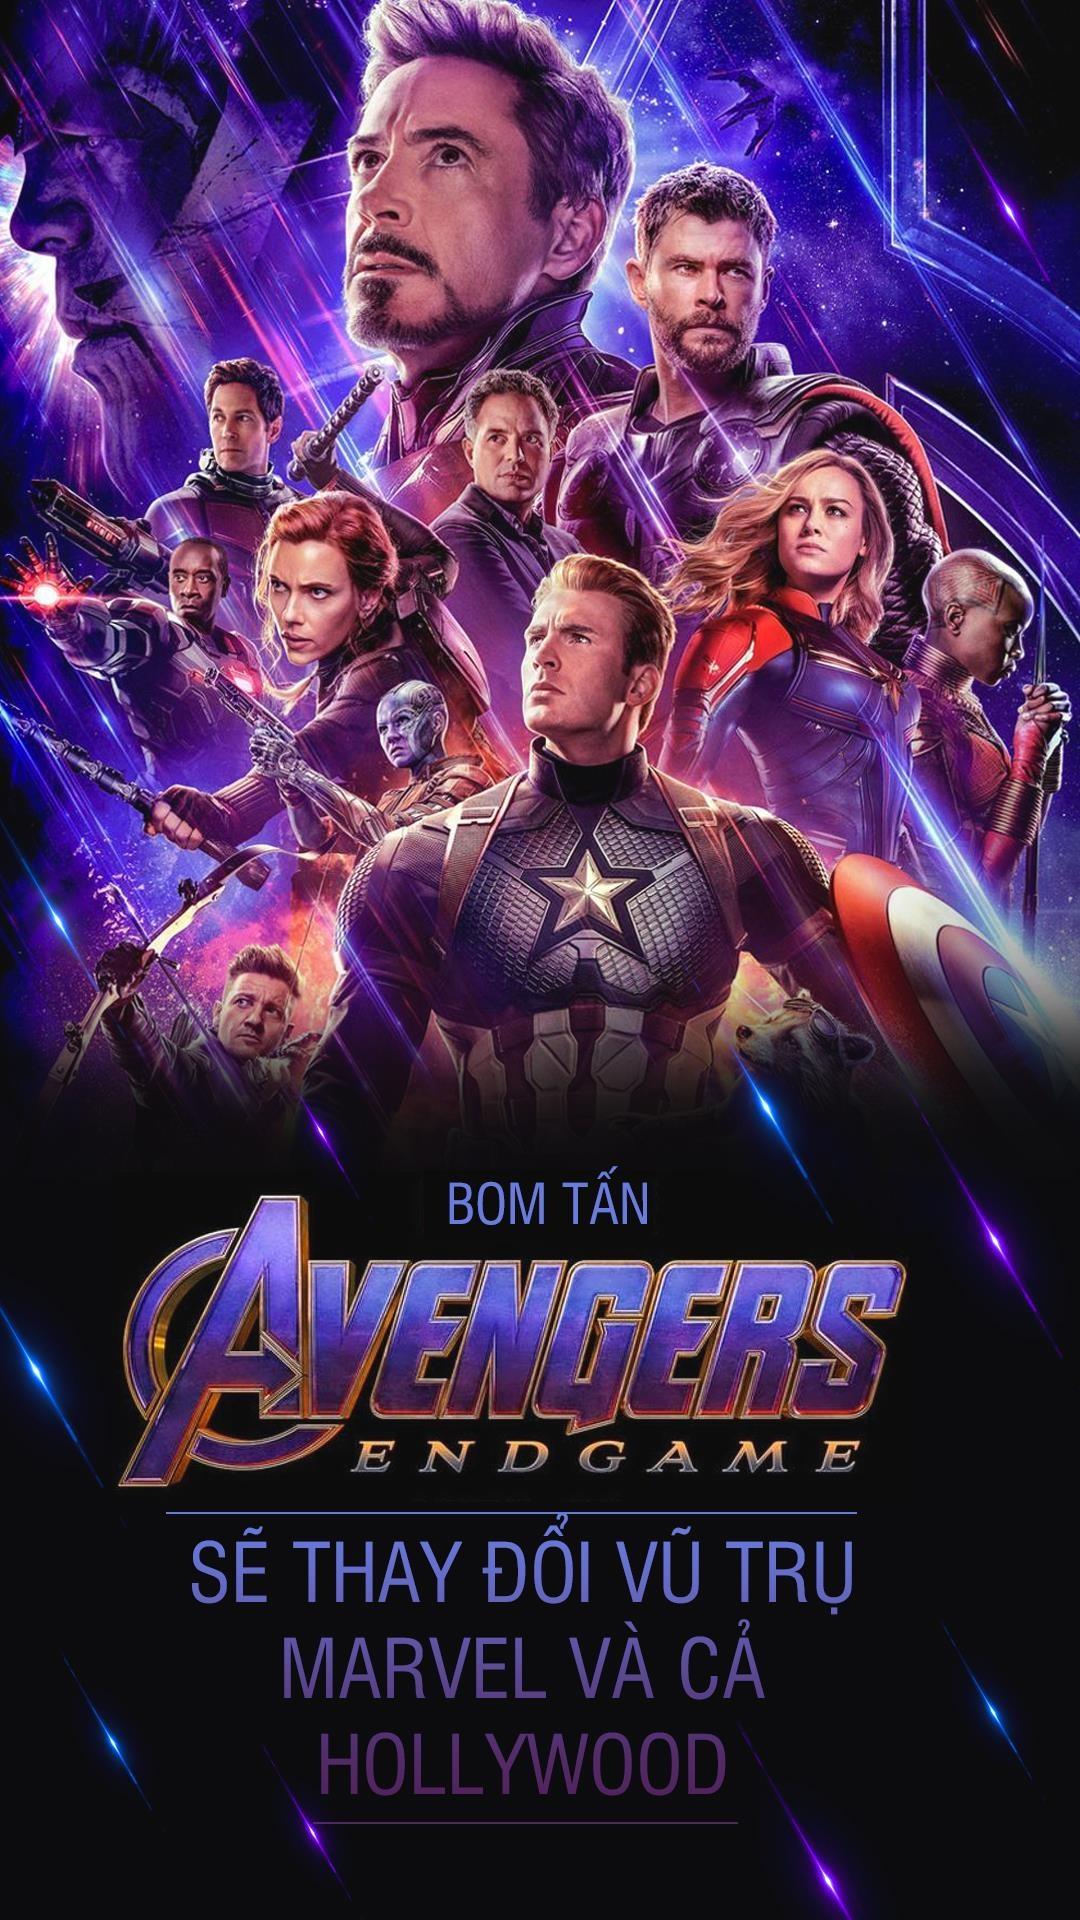 Phim Avengers: Endgame anh 1